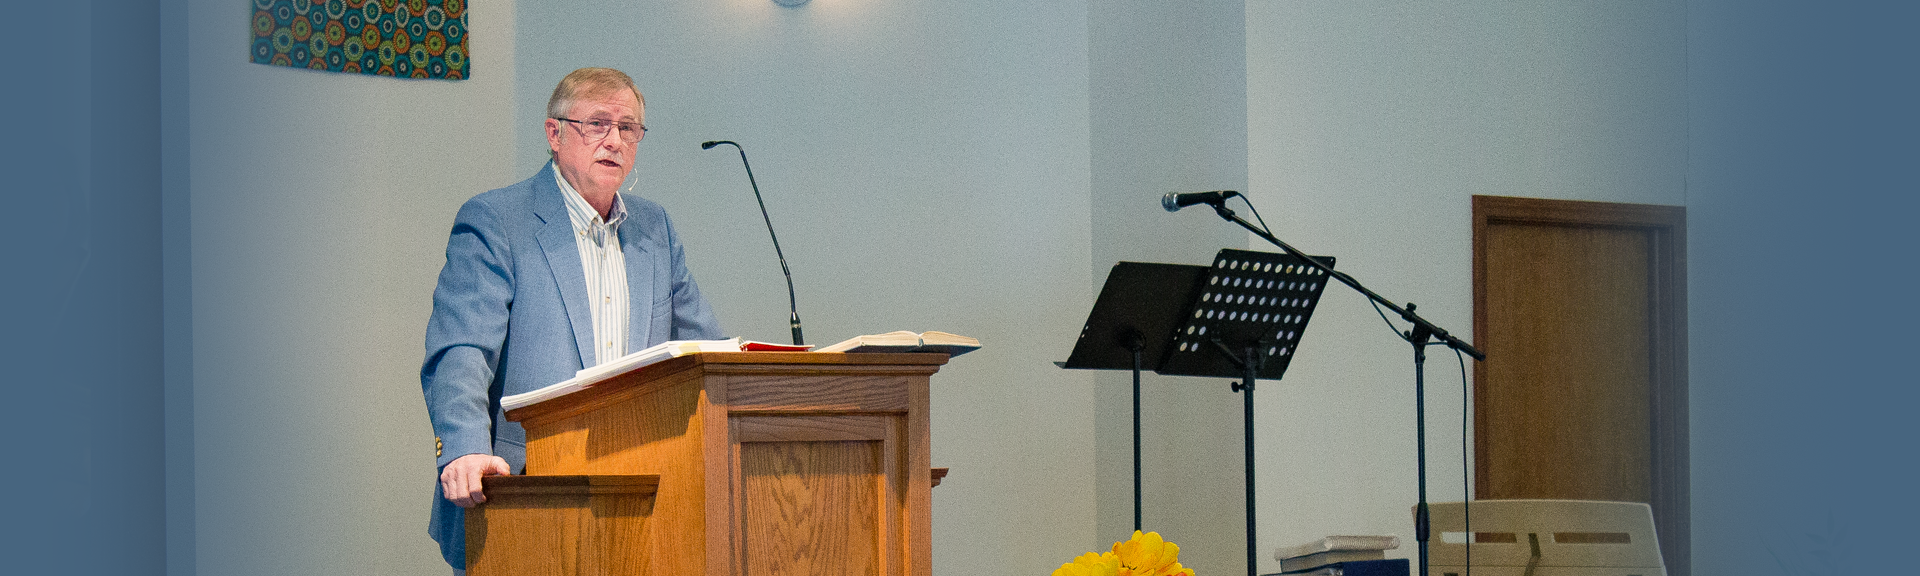 Pastor Bill